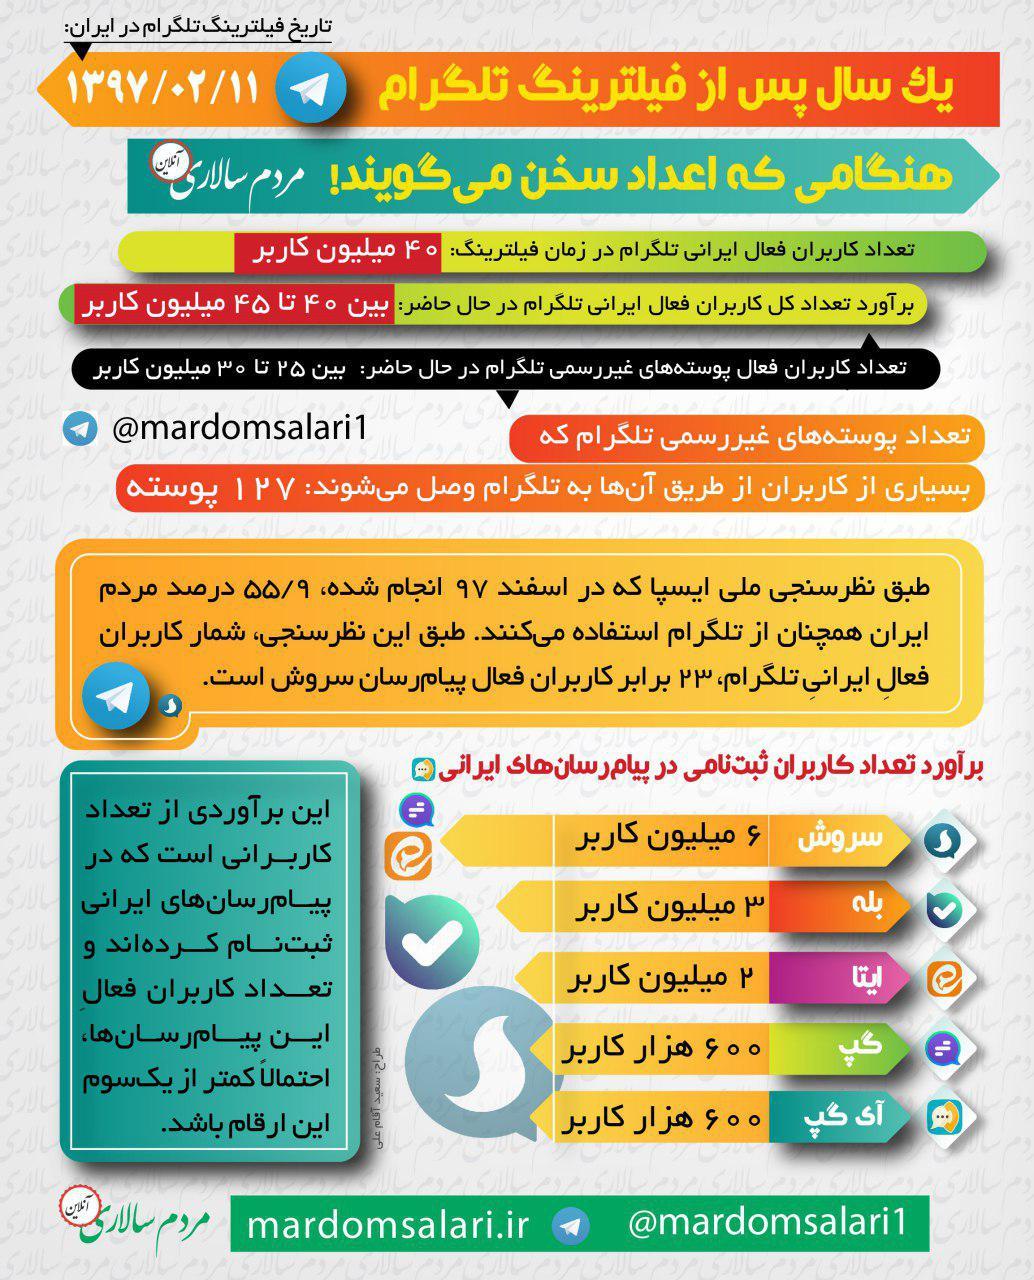 چند میلیون ایرانی در تلگرام فعال هستند؟